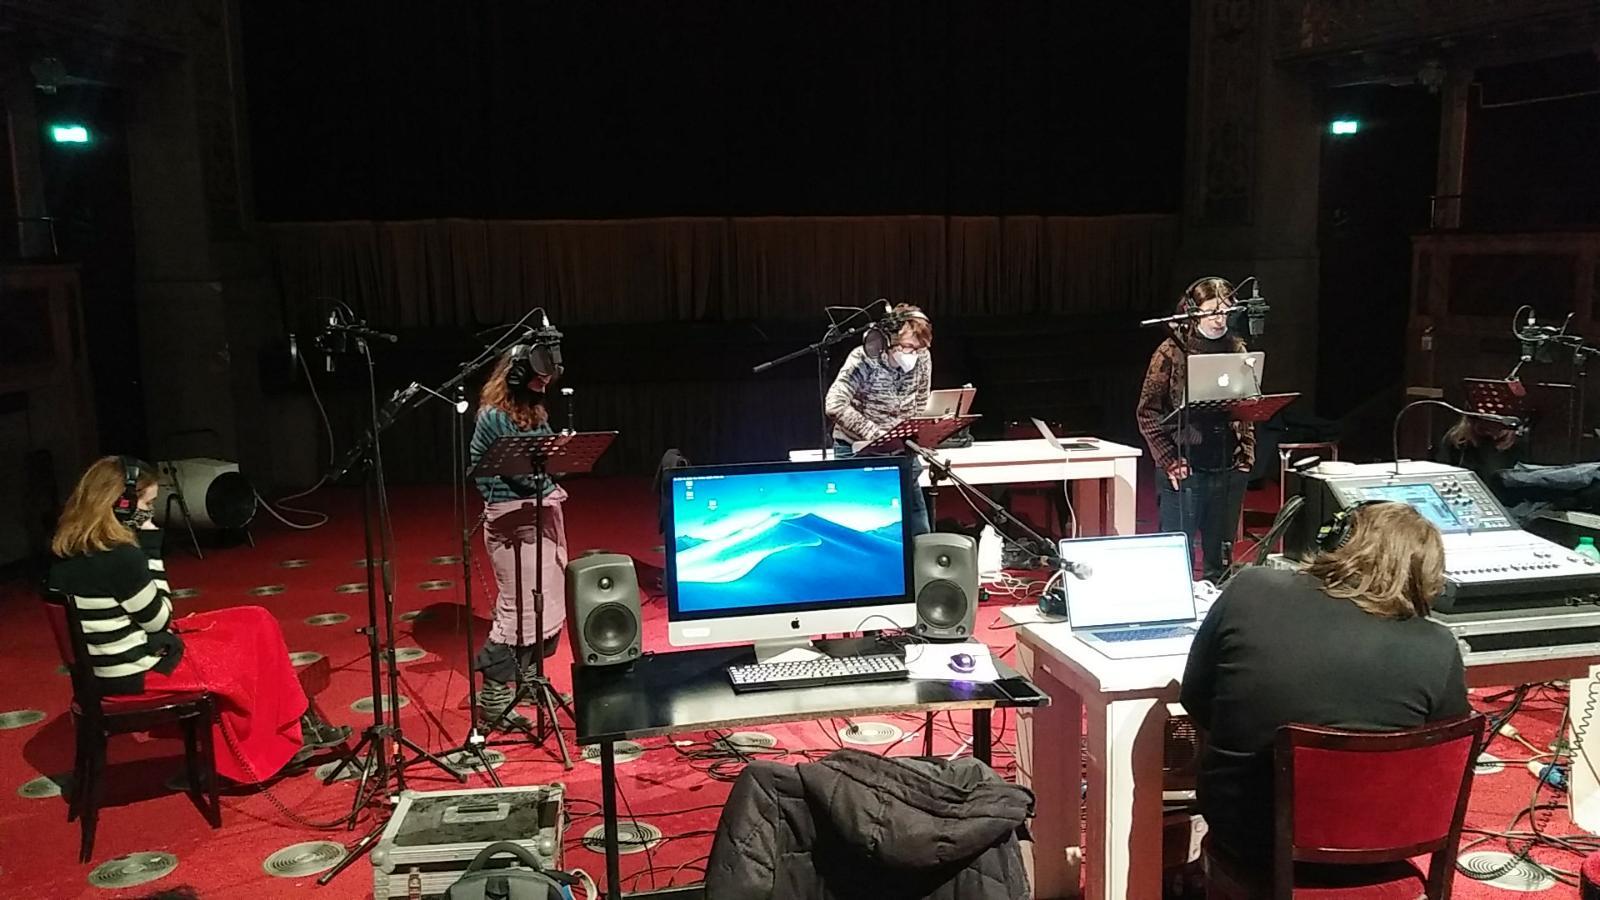 microfoni-schermo-rosso-sedie-persone